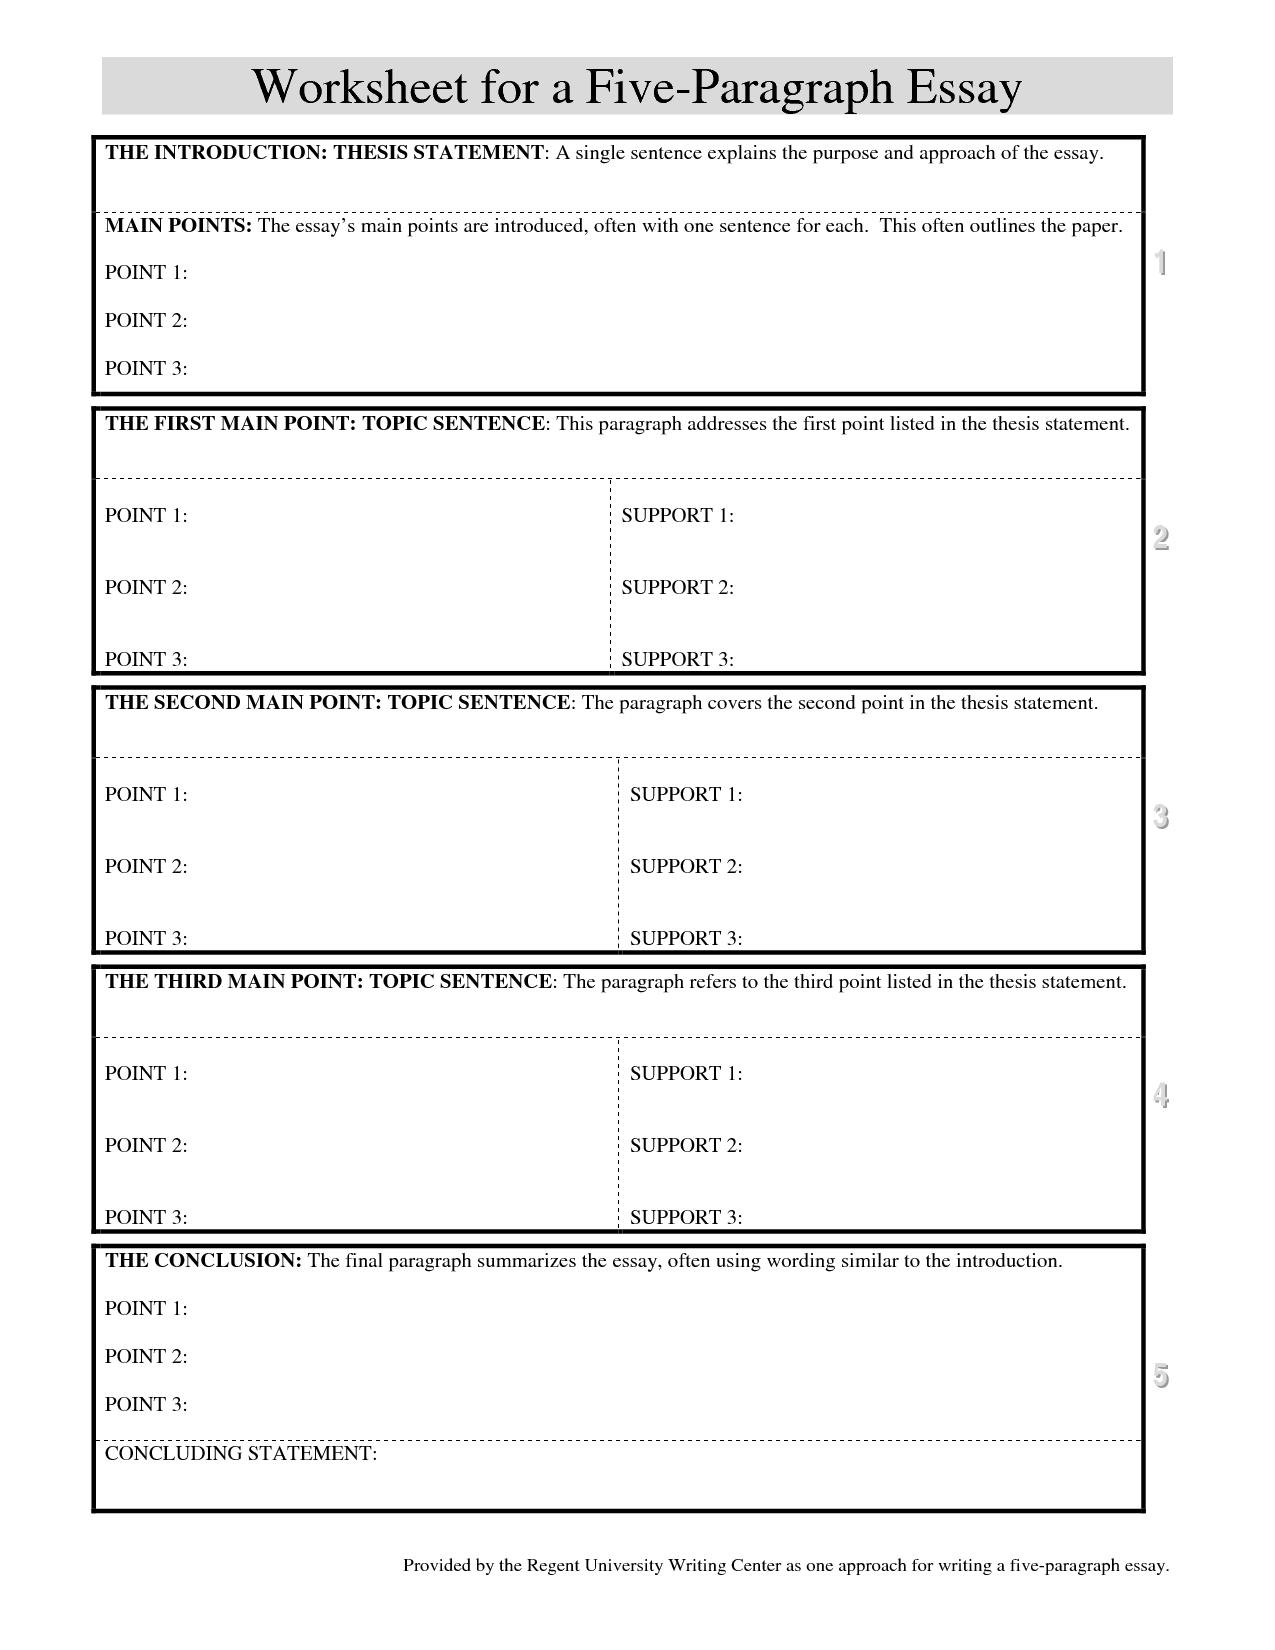 5 Paragraph Essay Outline Worksheet